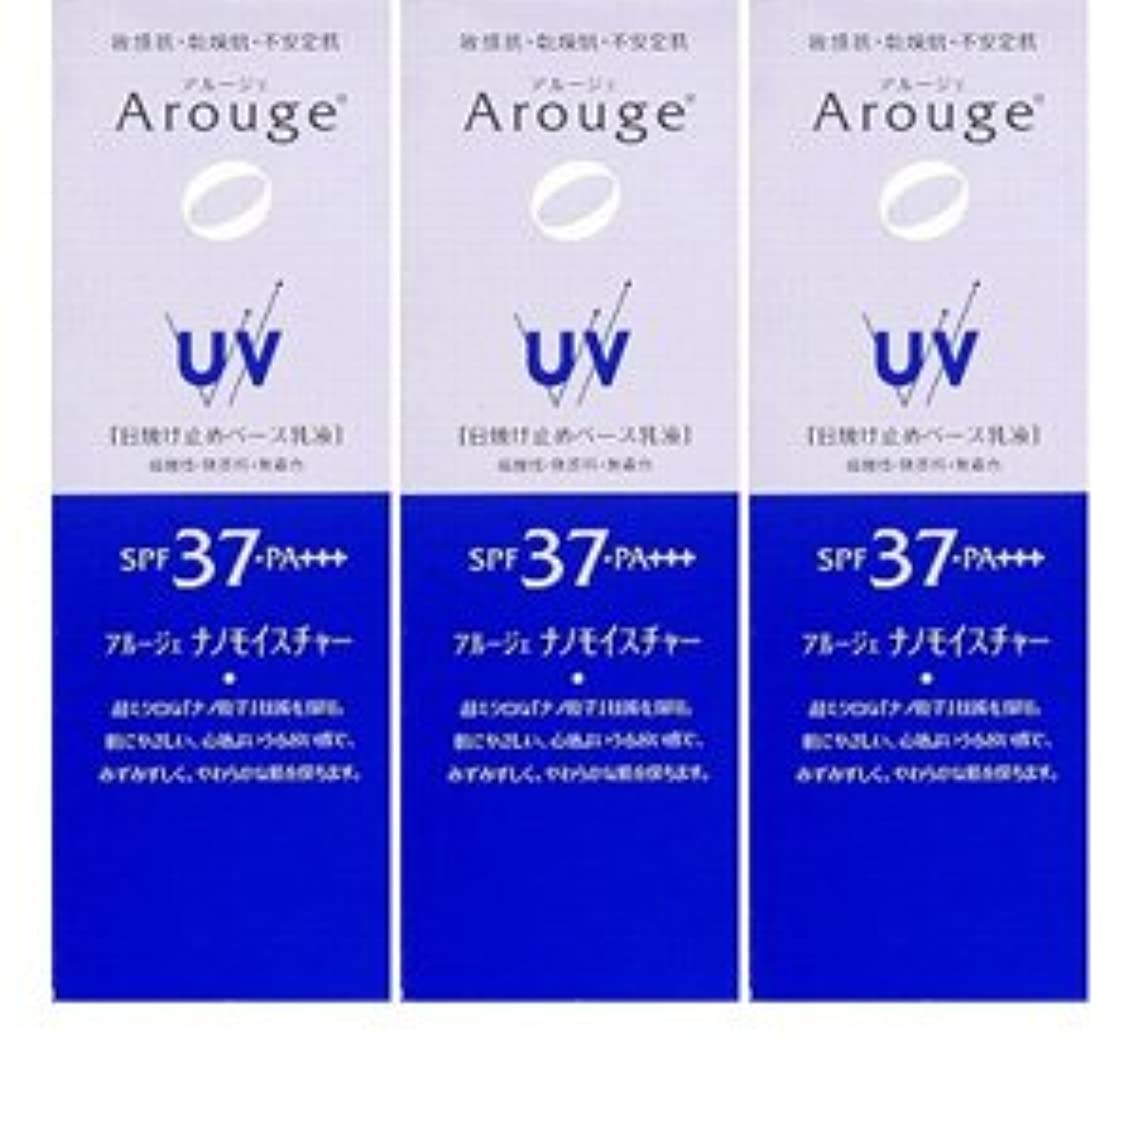 ショッキングさておきキャッチ【3個】アルージェ UVプロテクトビューティーアップ 25gx3個(4987305952912)